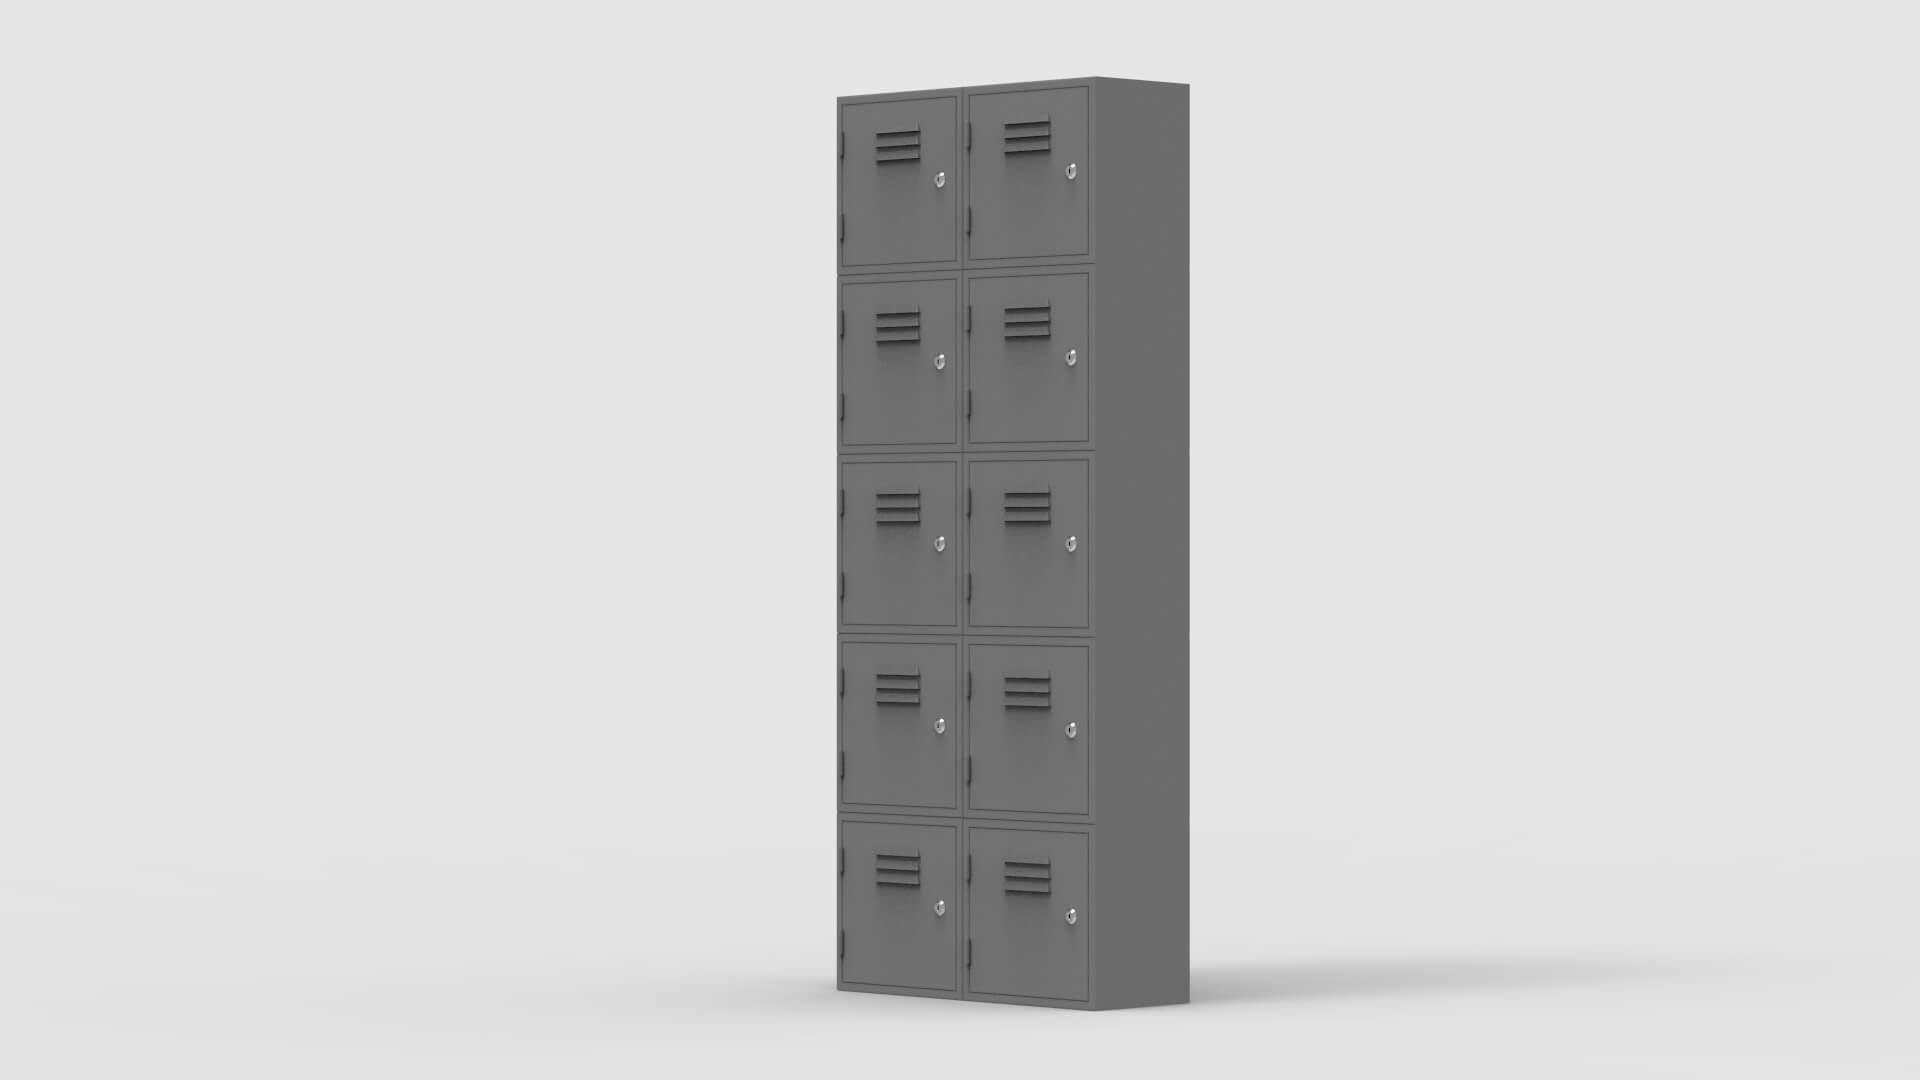 Steel Locker Product